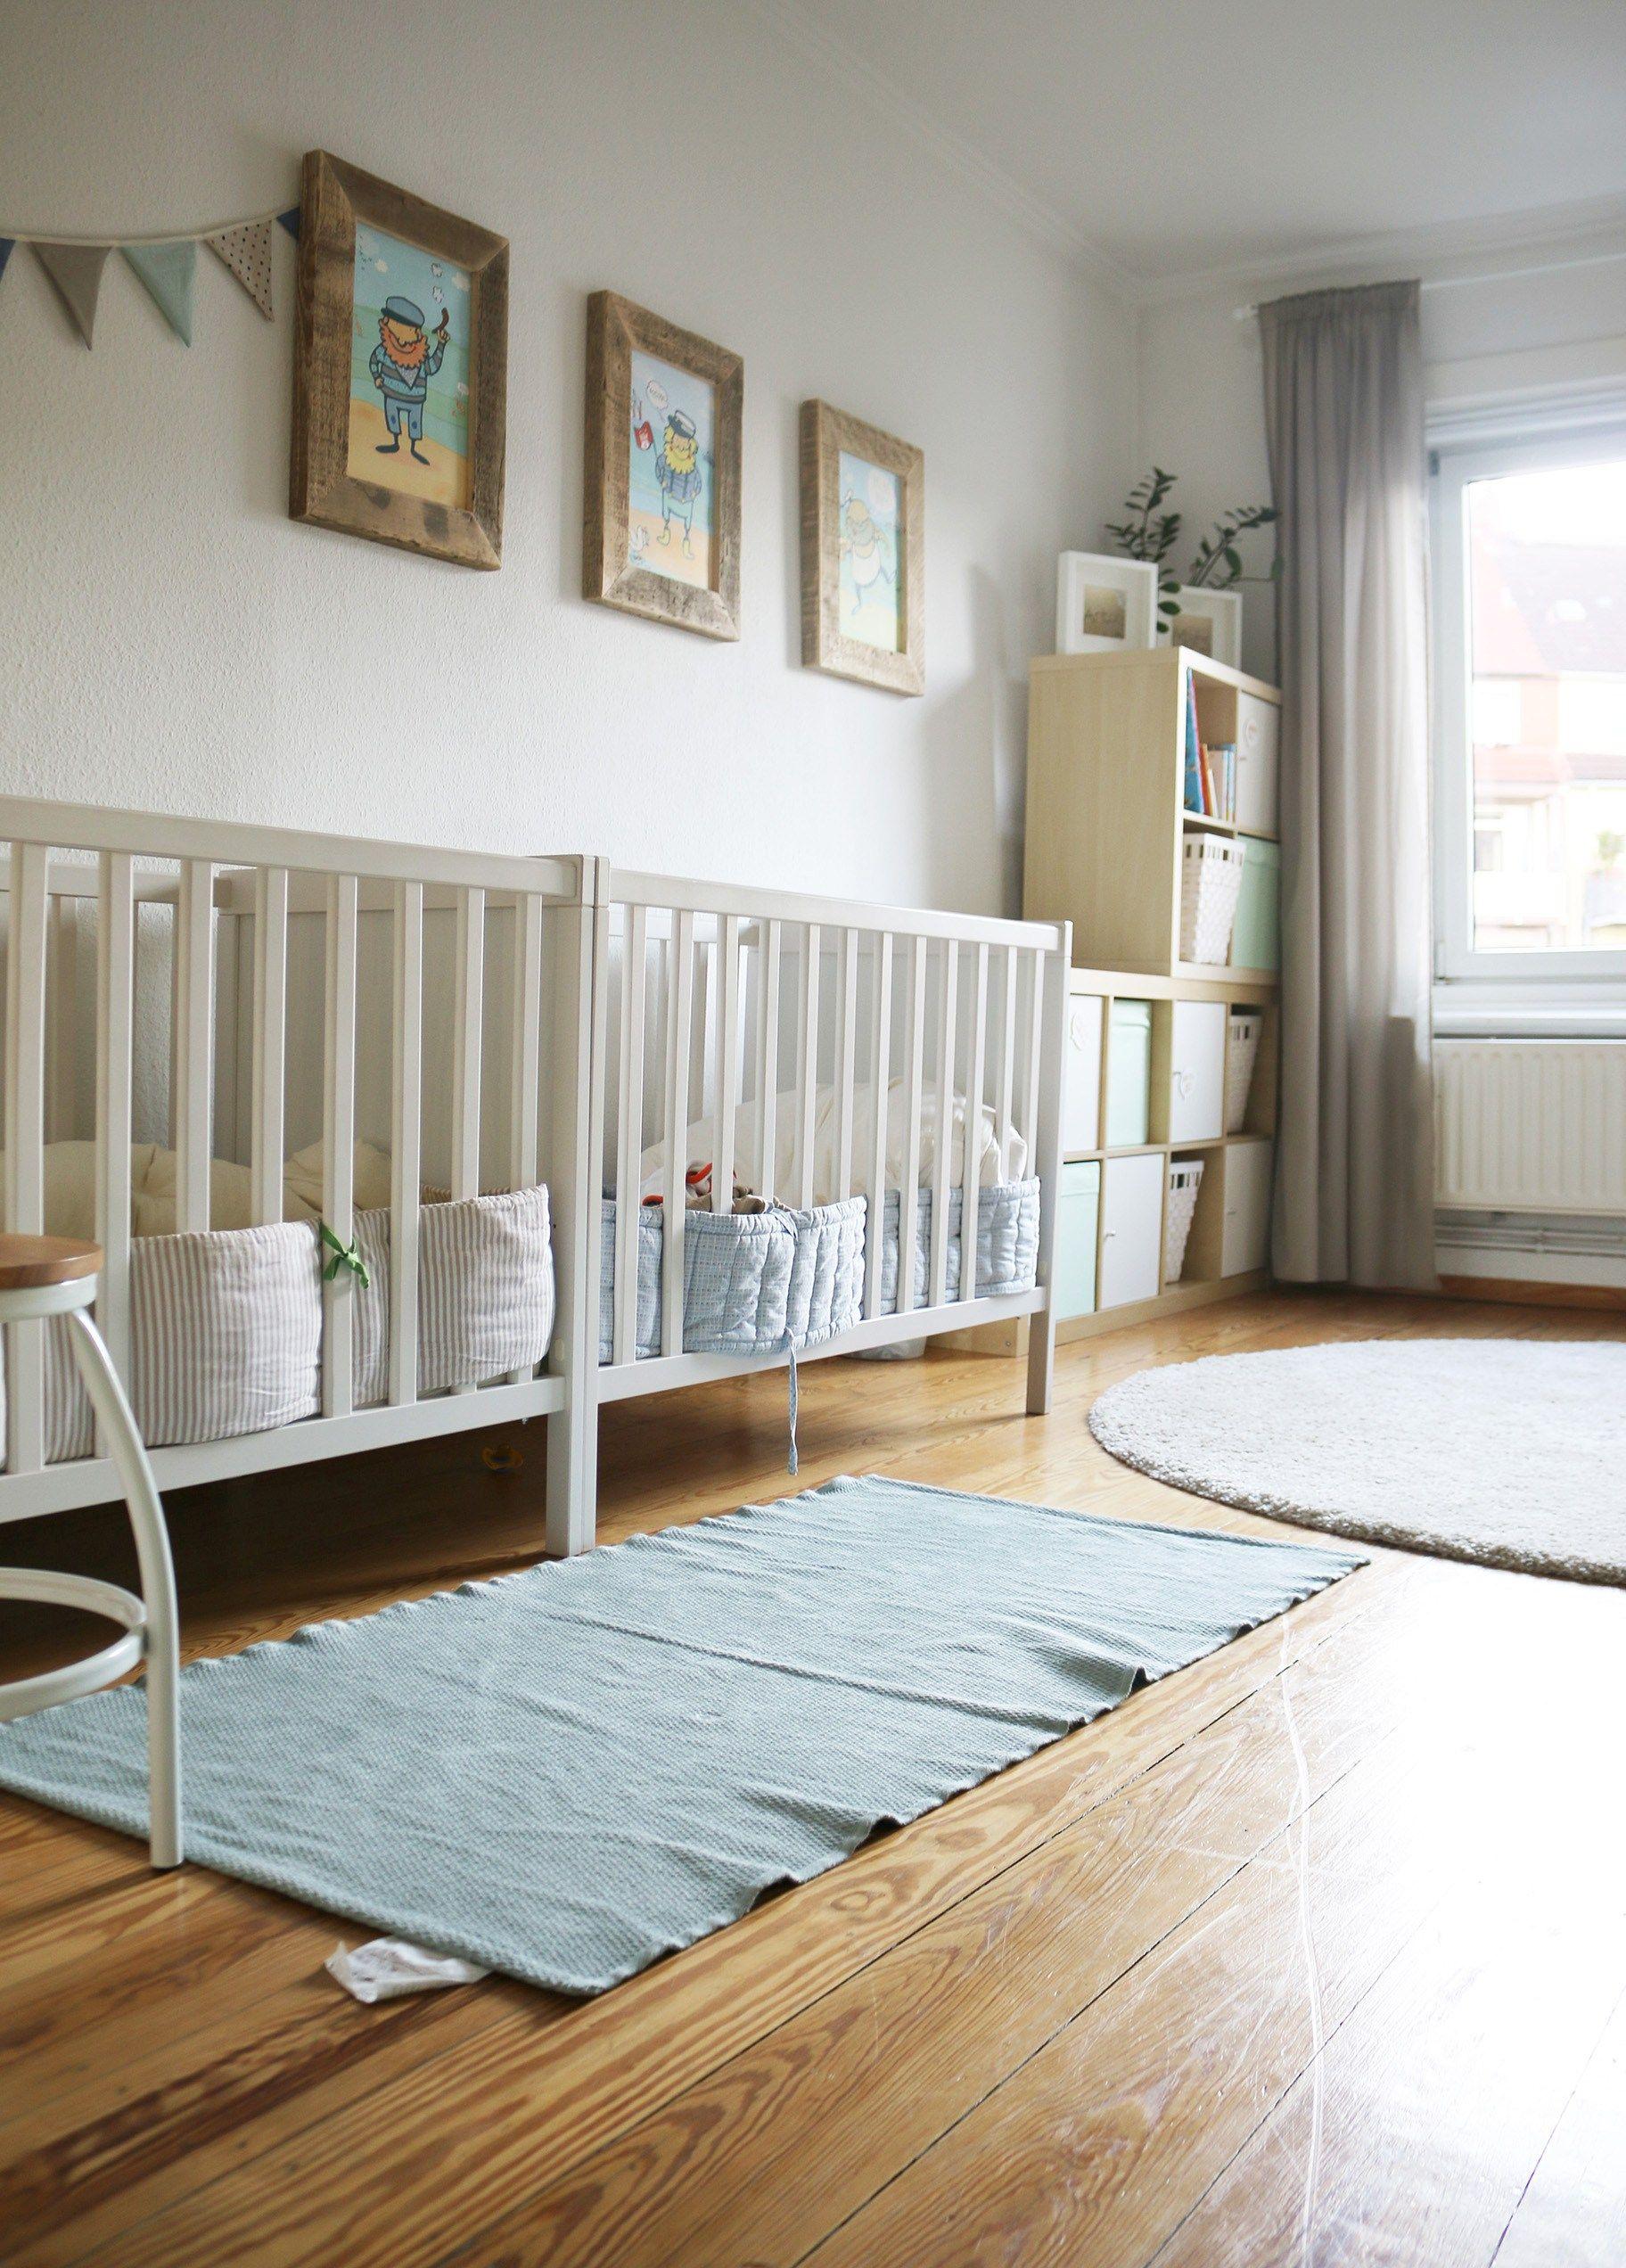 duschgedanken wer braucht schon ein kinderzimmer interior kinderzimmer pinterest. Black Bedroom Furniture Sets. Home Design Ideas